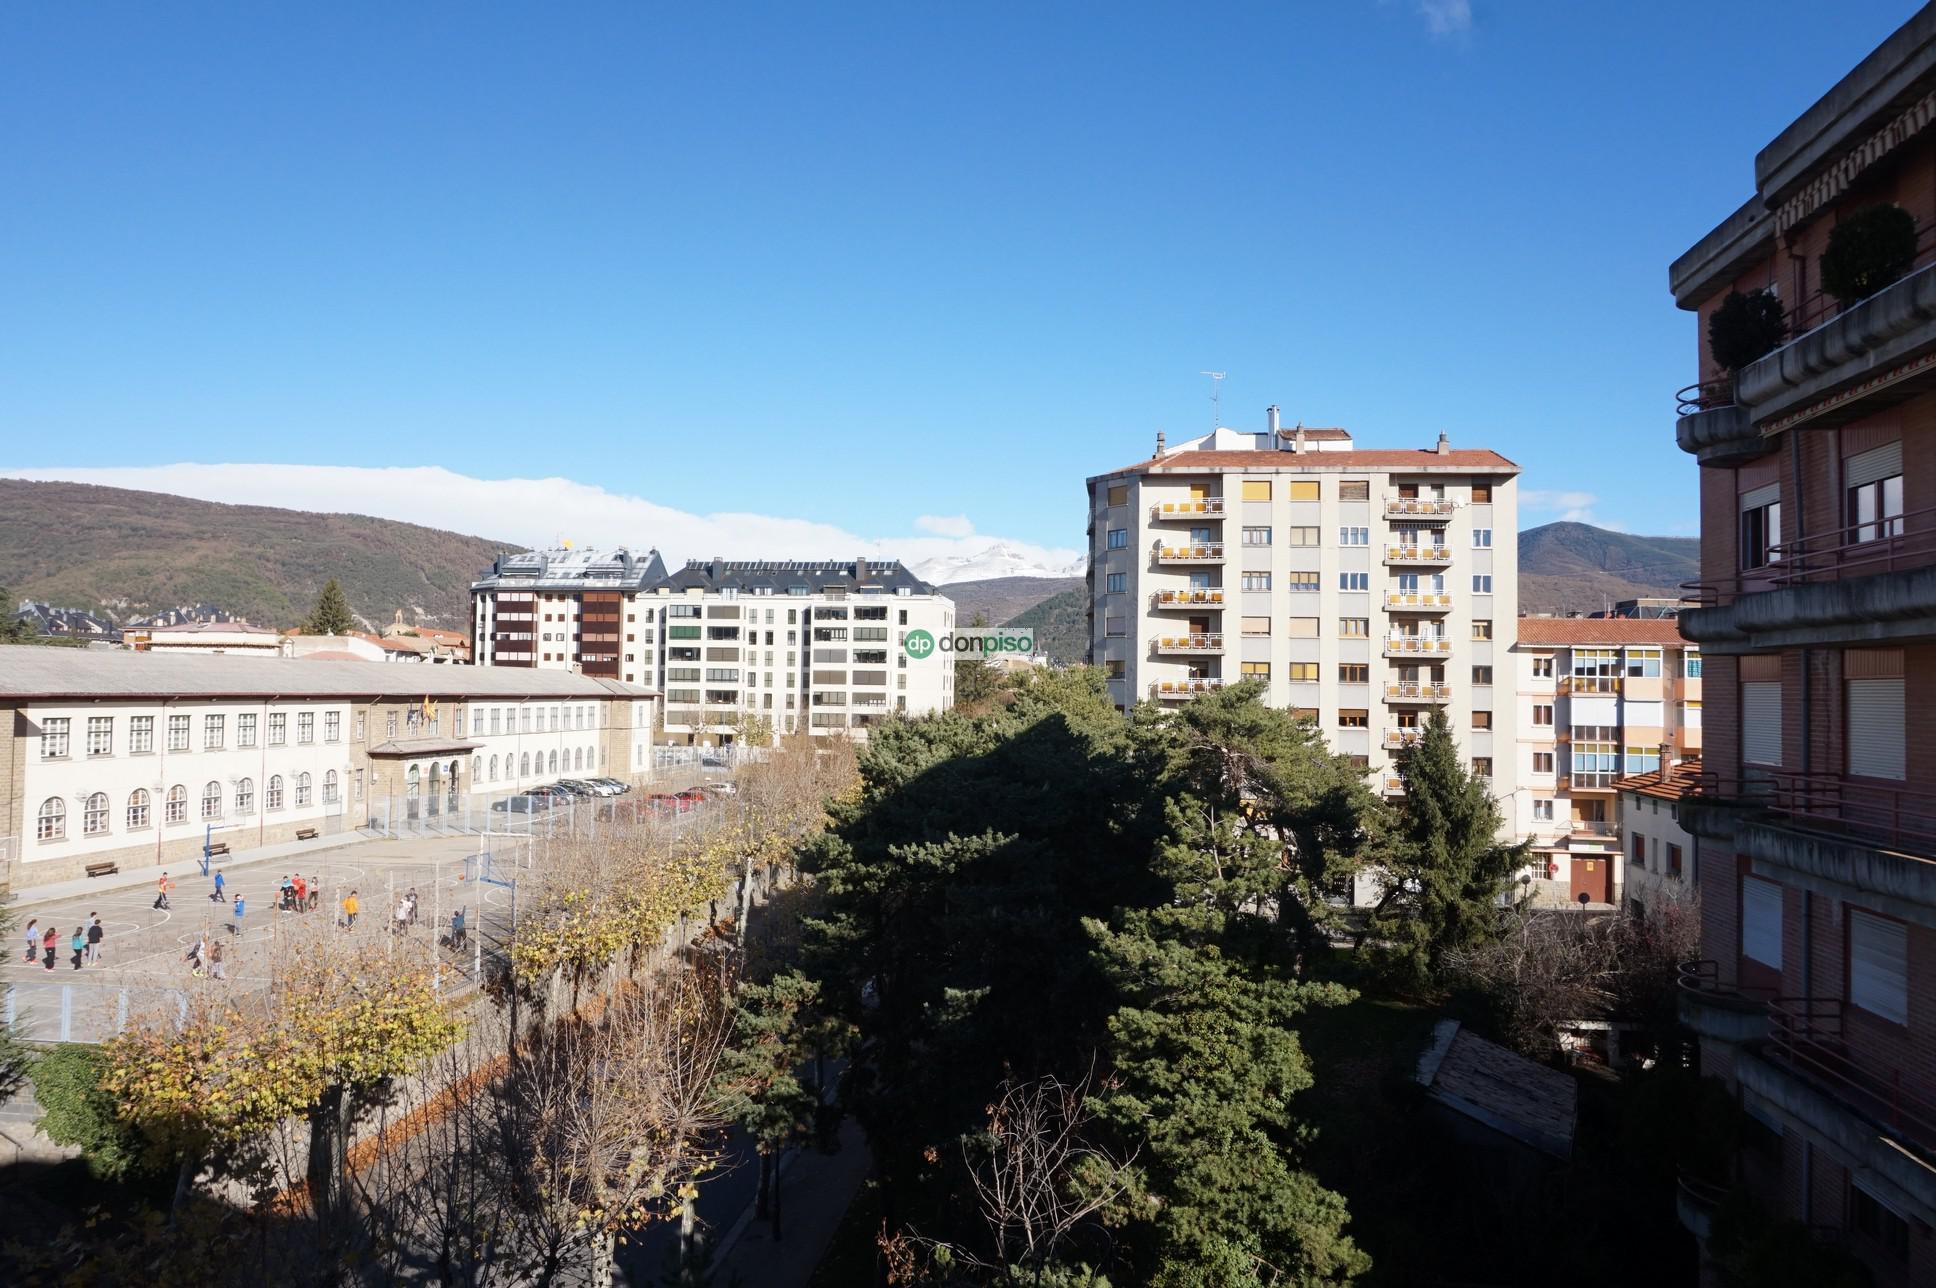 170977 - Jaca. Centro. Instituto Domingo Miral